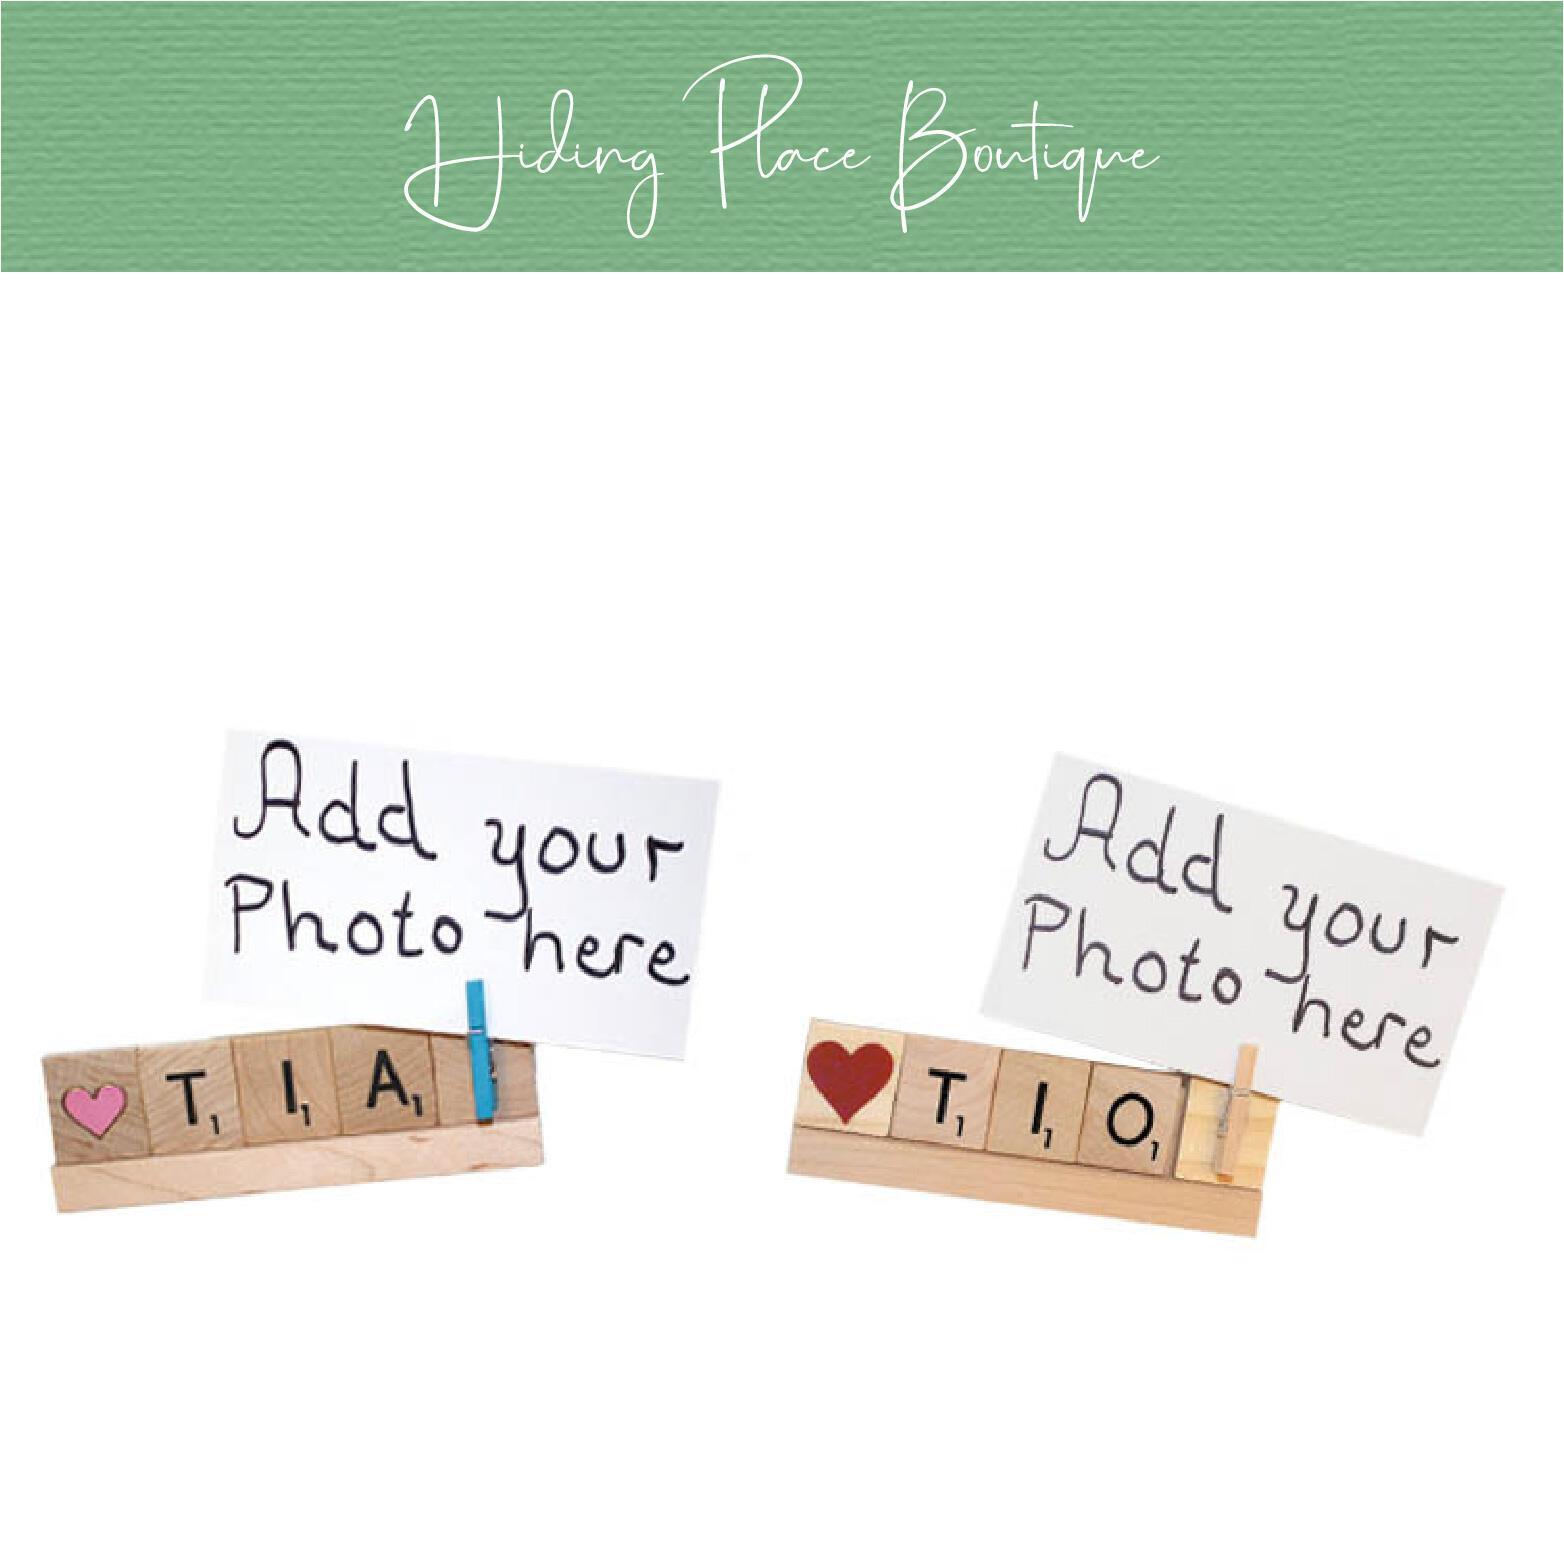 tia photo frame